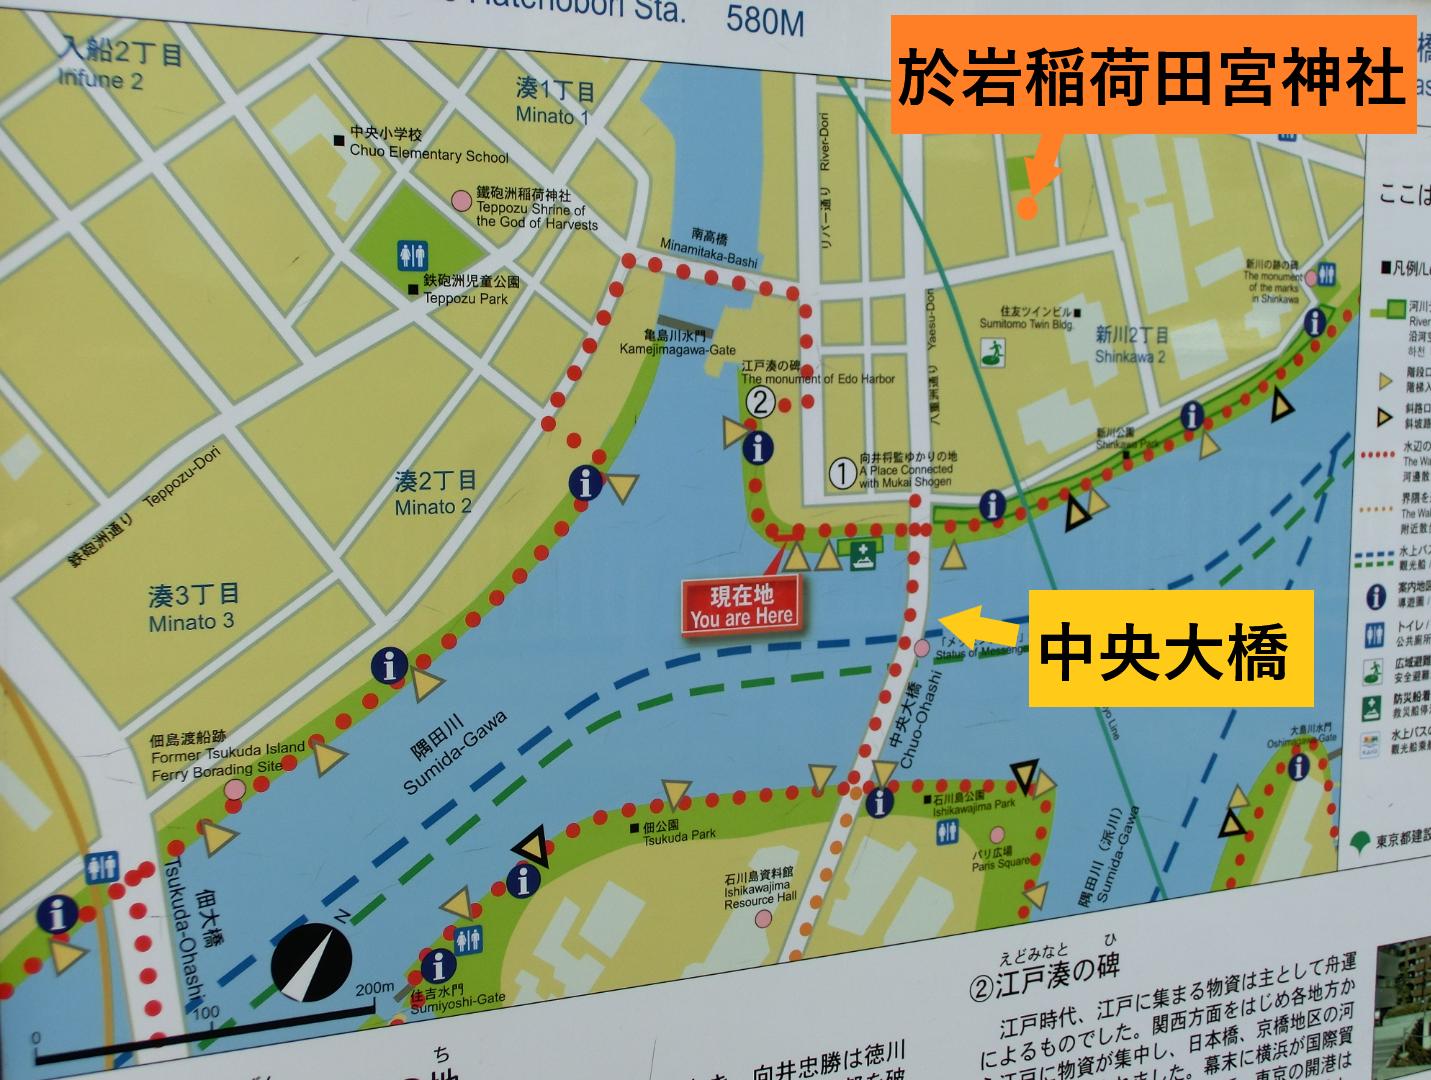 「霊岸島水位観測所」脇に置かれている散策マップ 新川散策5